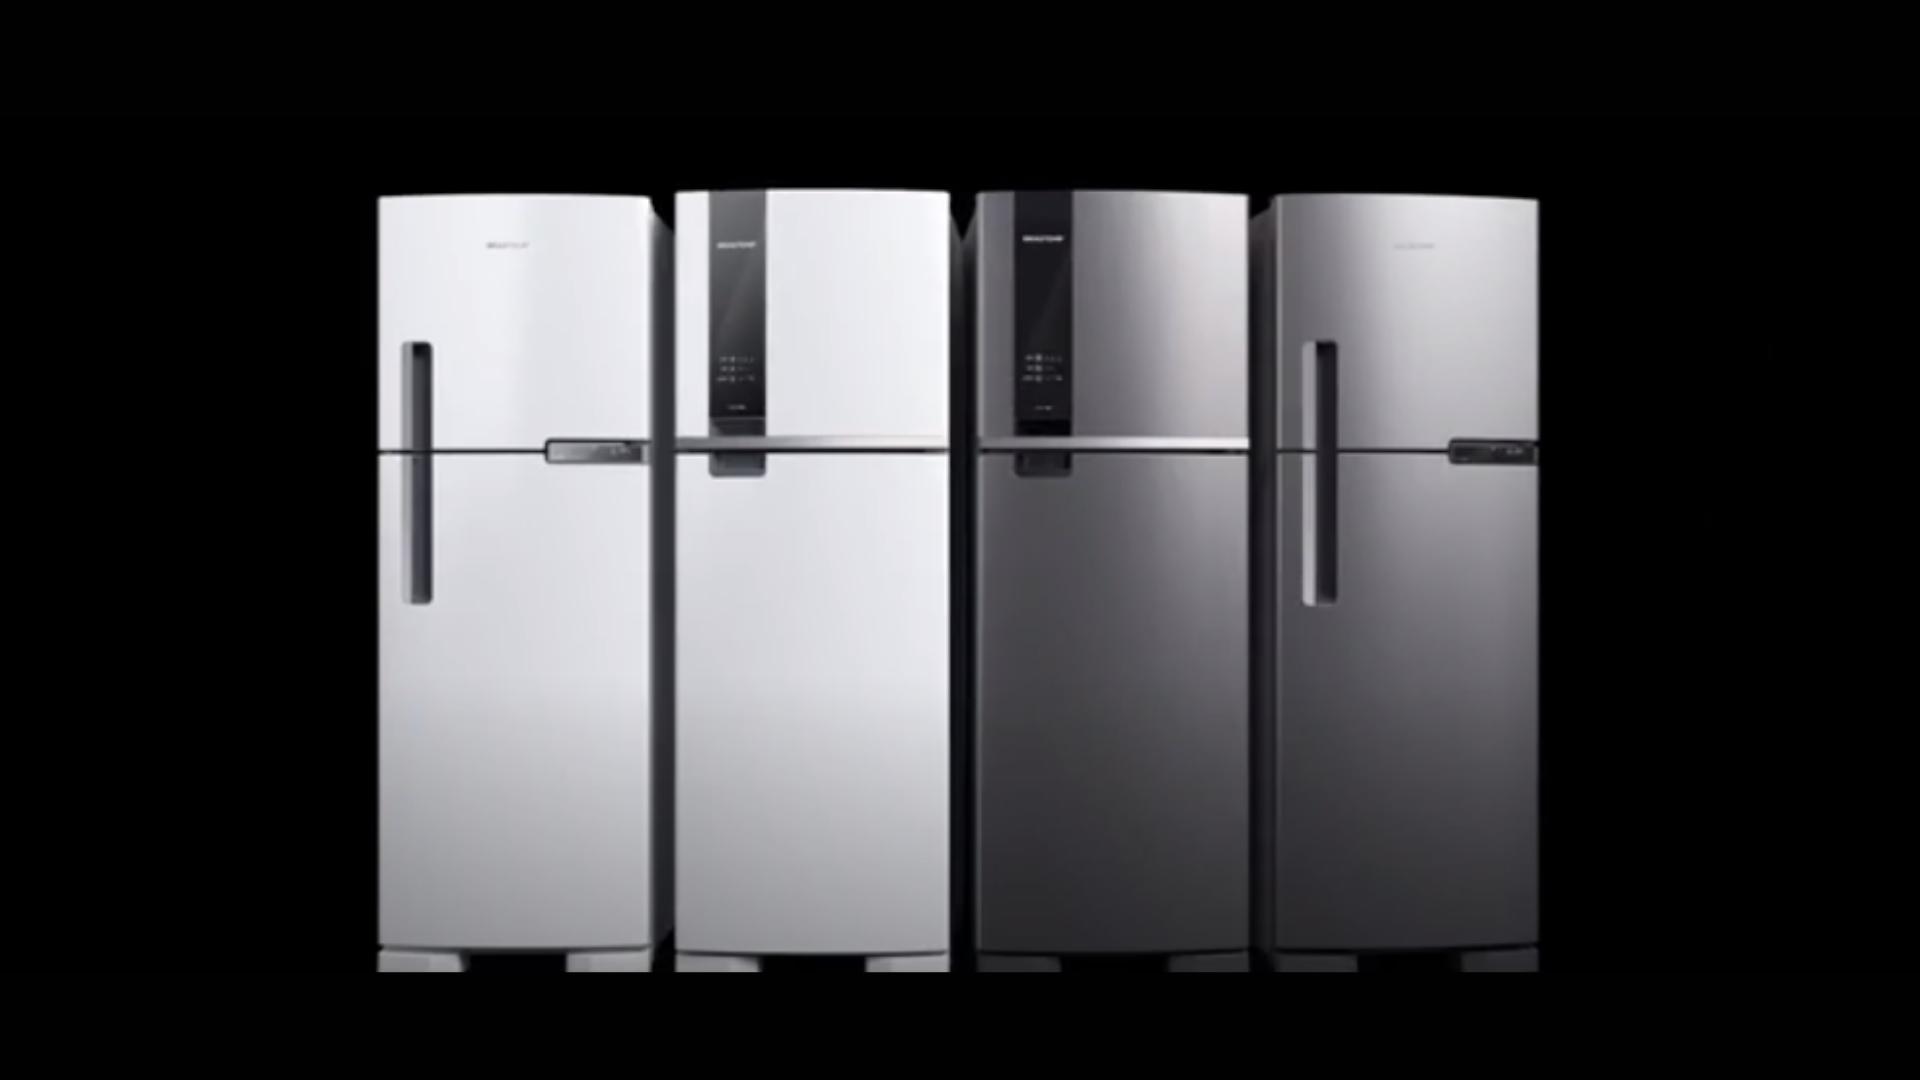 Brastemp BRM44HB: confira análise da ficha técnica e preço da geladeira